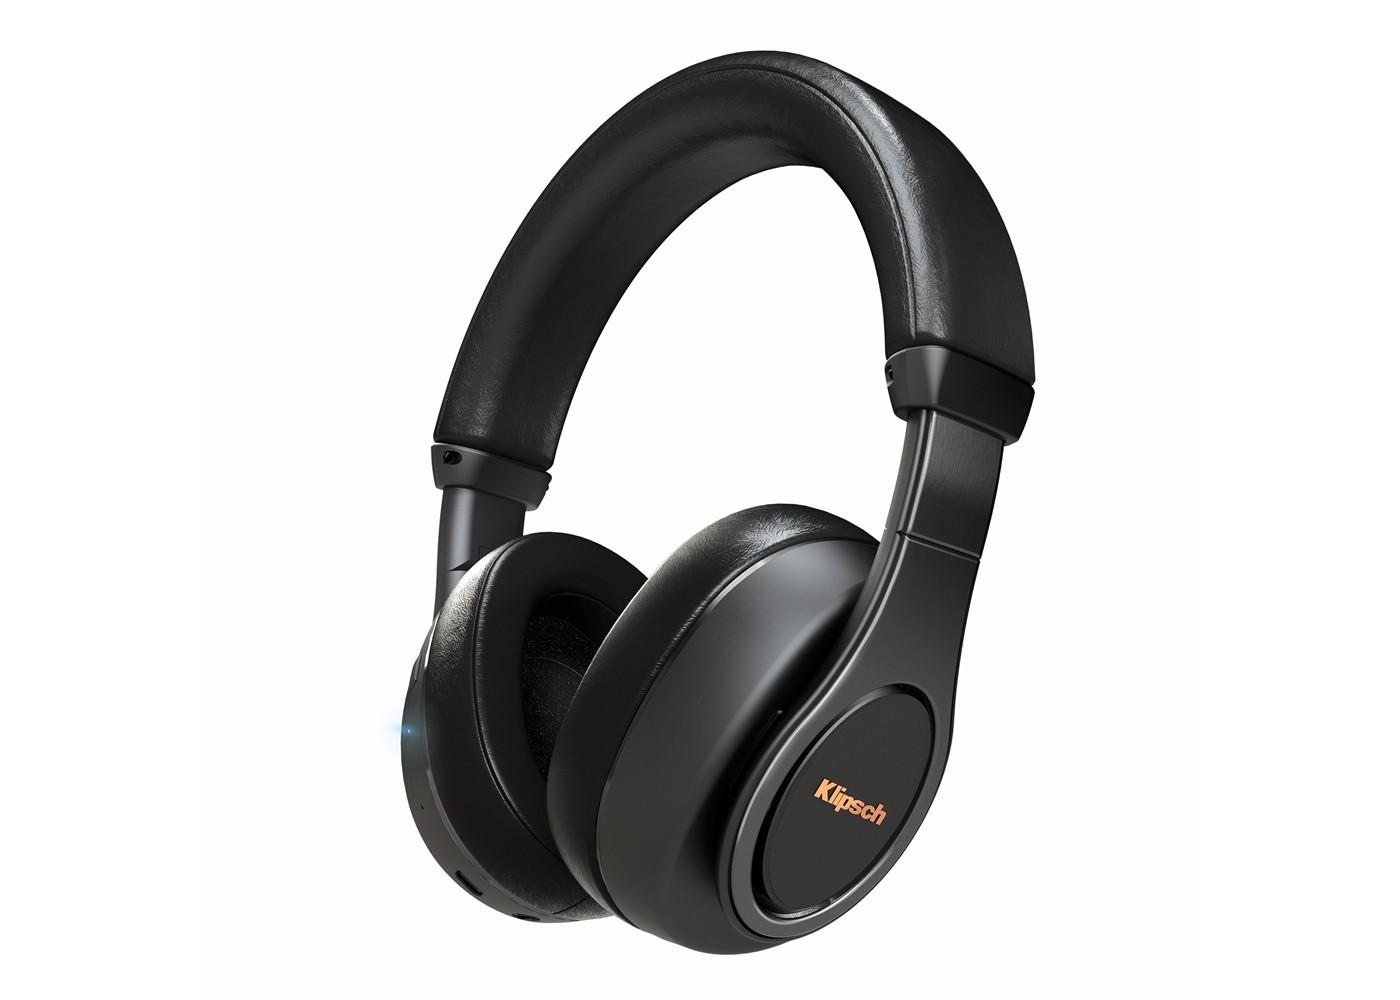 klipsch reference over ear bluetooth black headphone. Black Bedroom Furniture Sets. Home Design Ideas